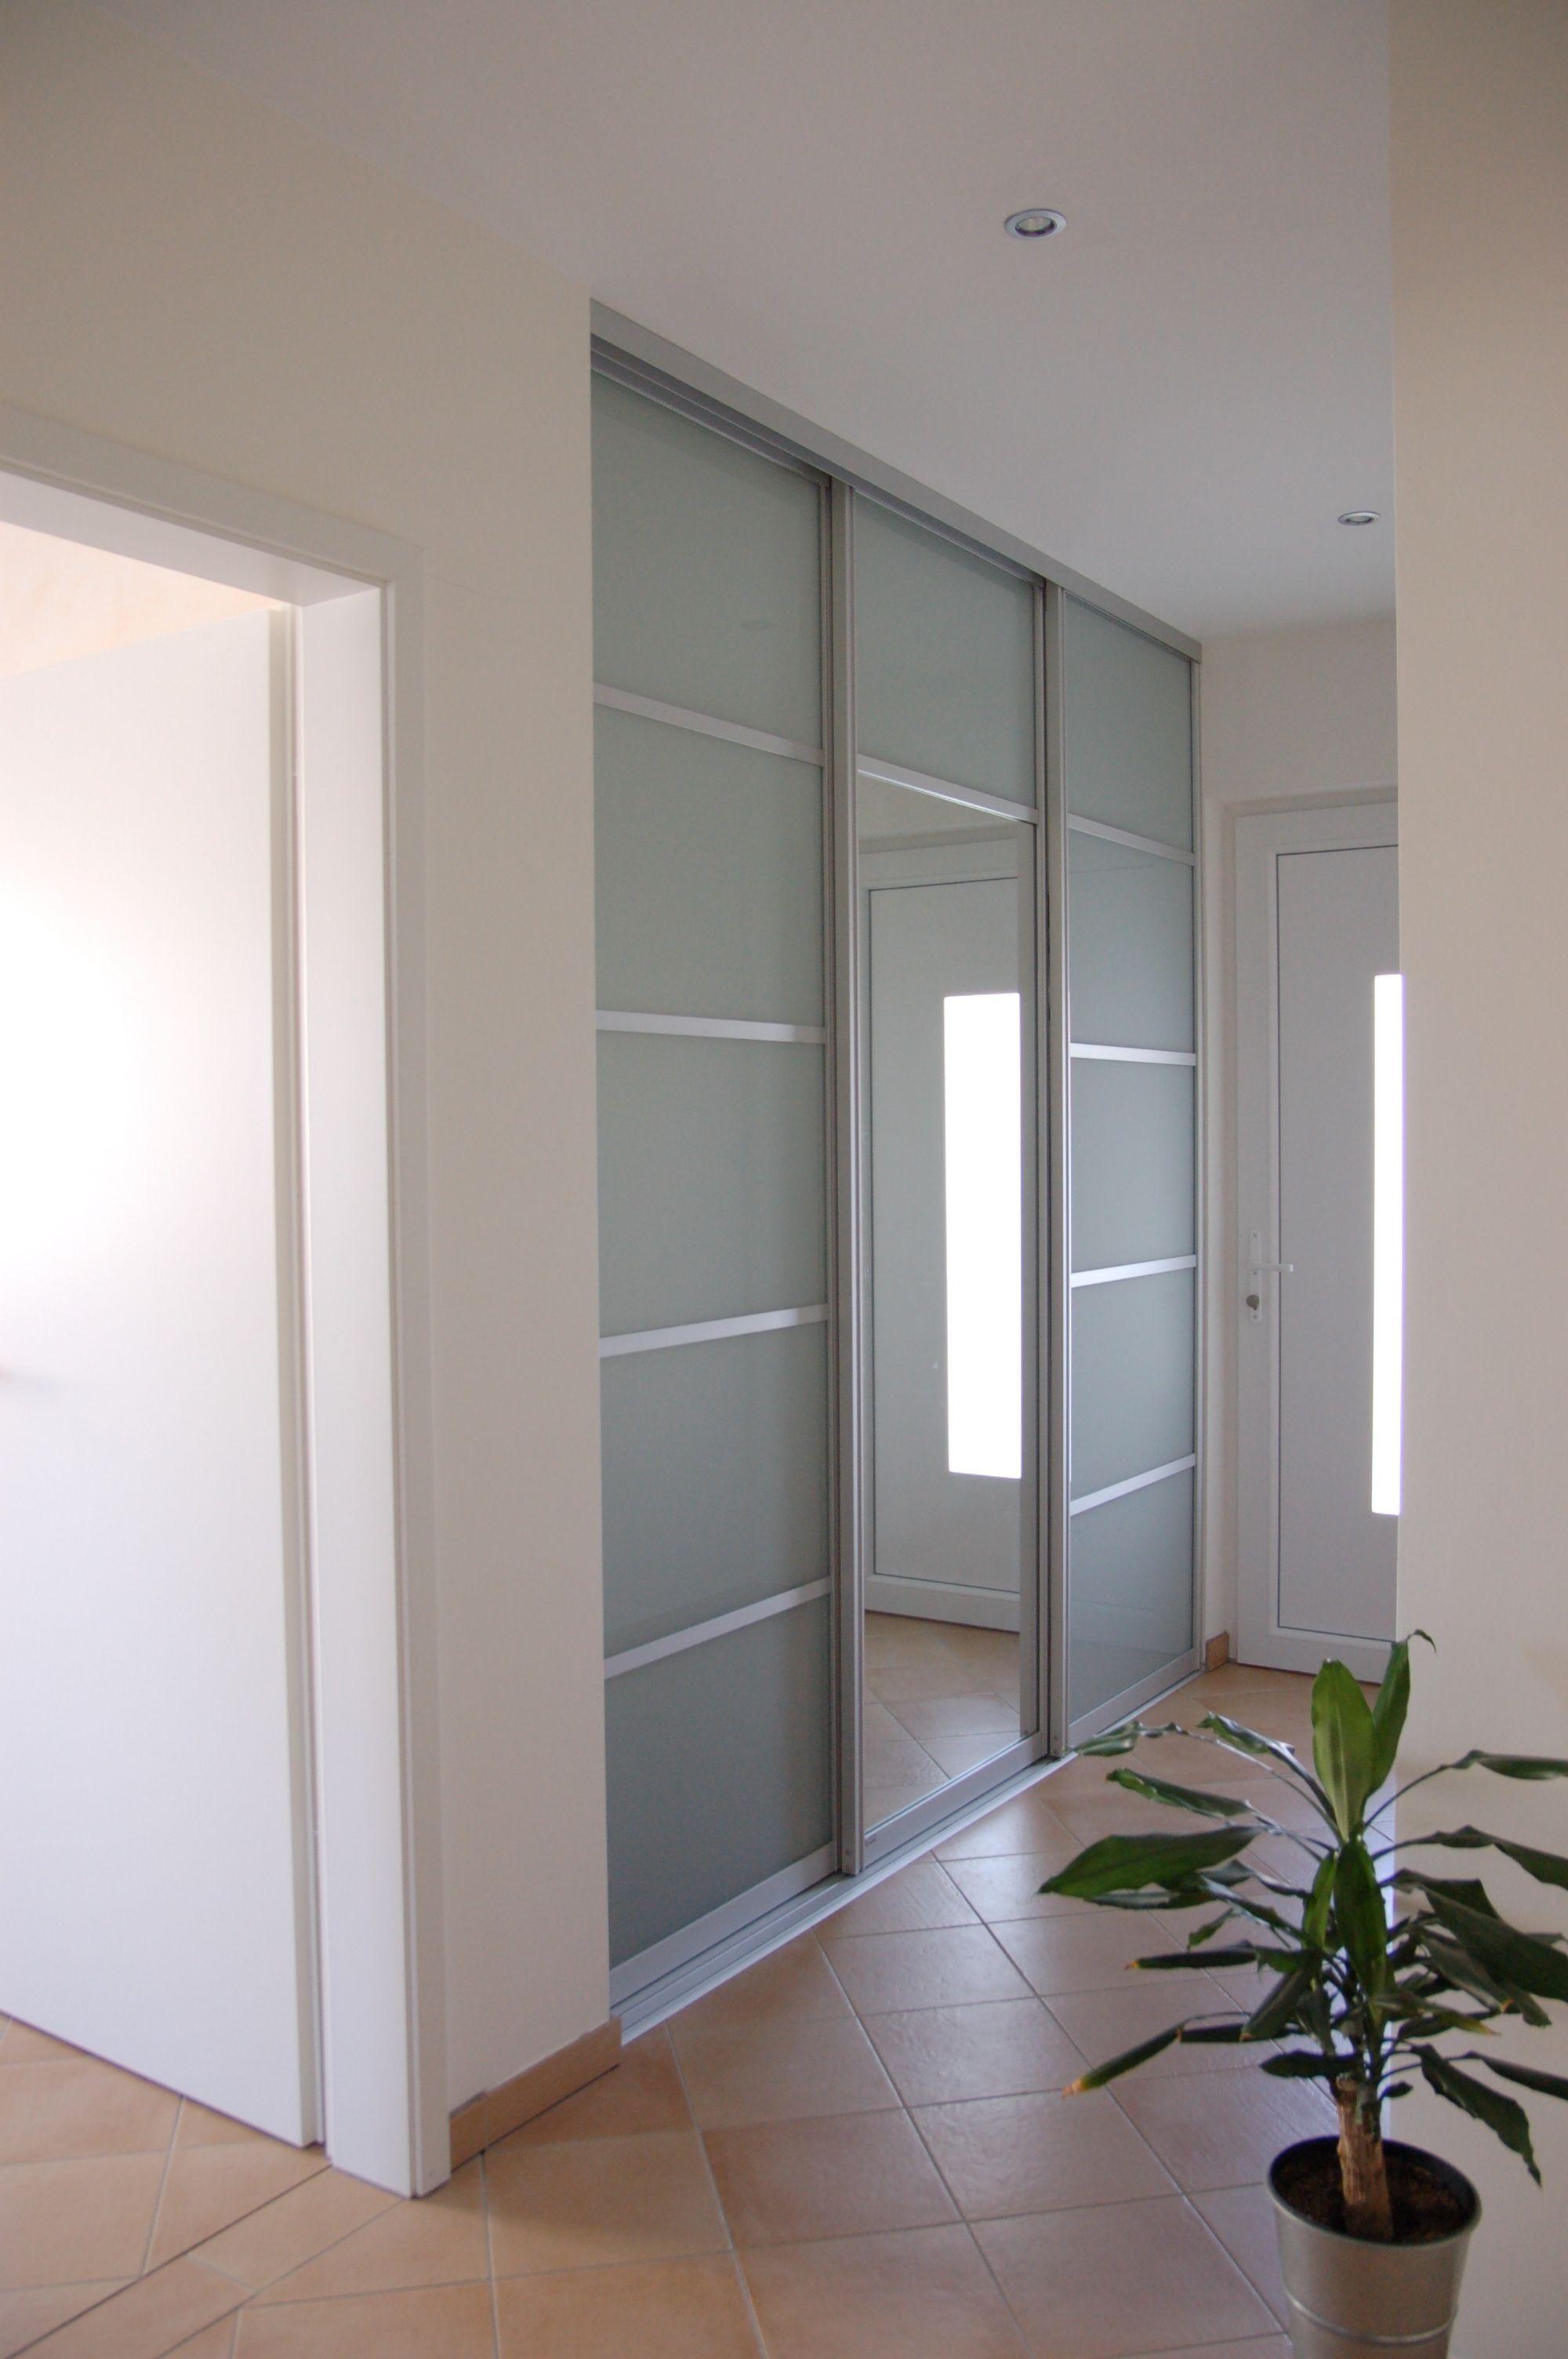 Alurahmen Schiebetur Ar30 Stehendes System Glas Transluzent